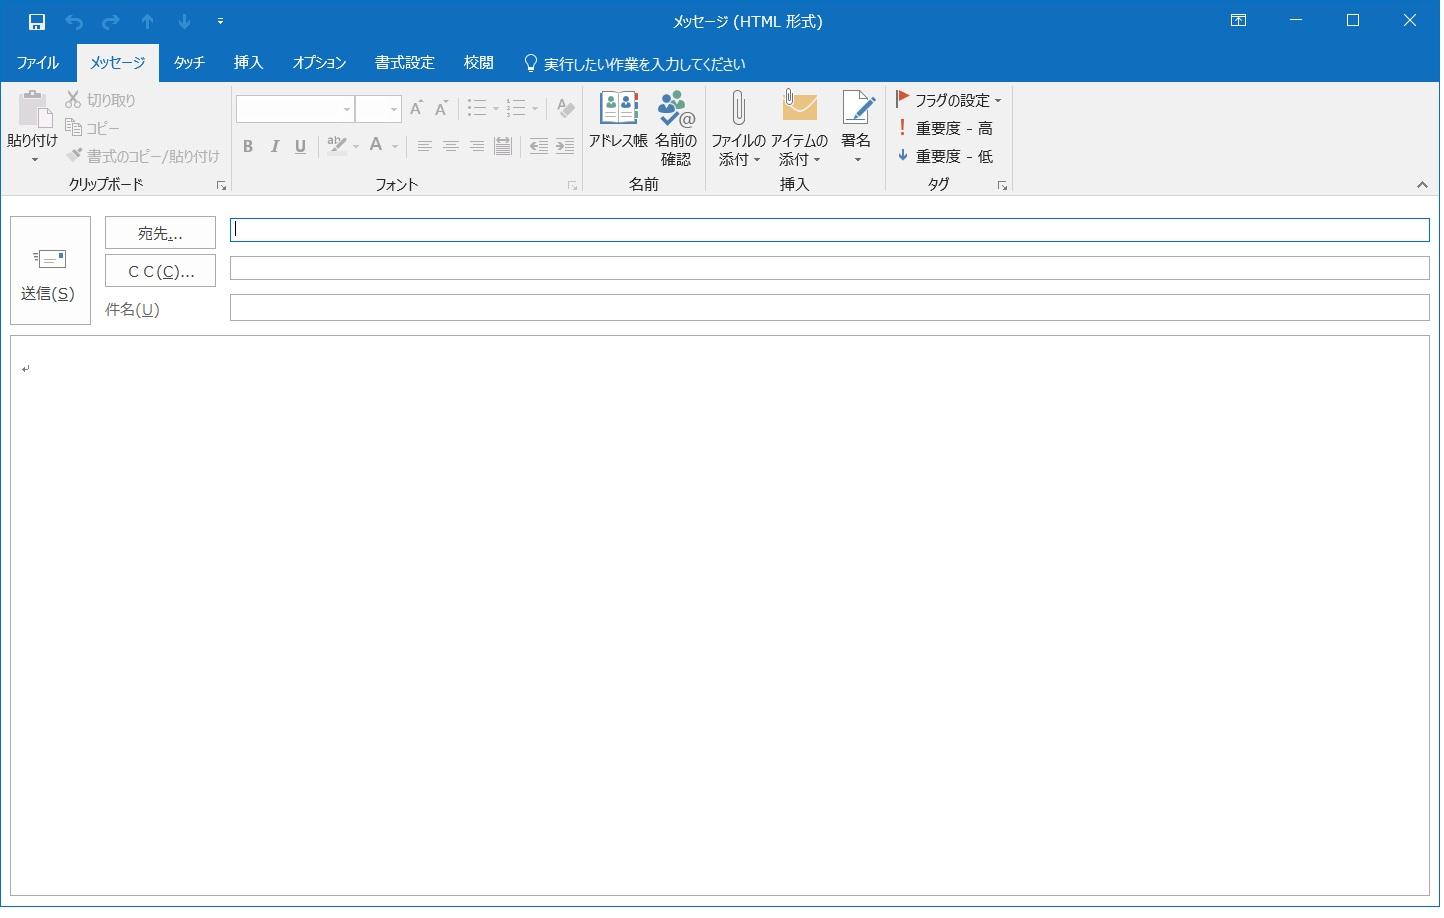 Outlook2016でメールを再送信する方法。カスタマイズで簡易操作も可能に。きちんと用意されている再送信機能操作方法は覚えてしまえば簡単コマンドを配置して簡単に操作